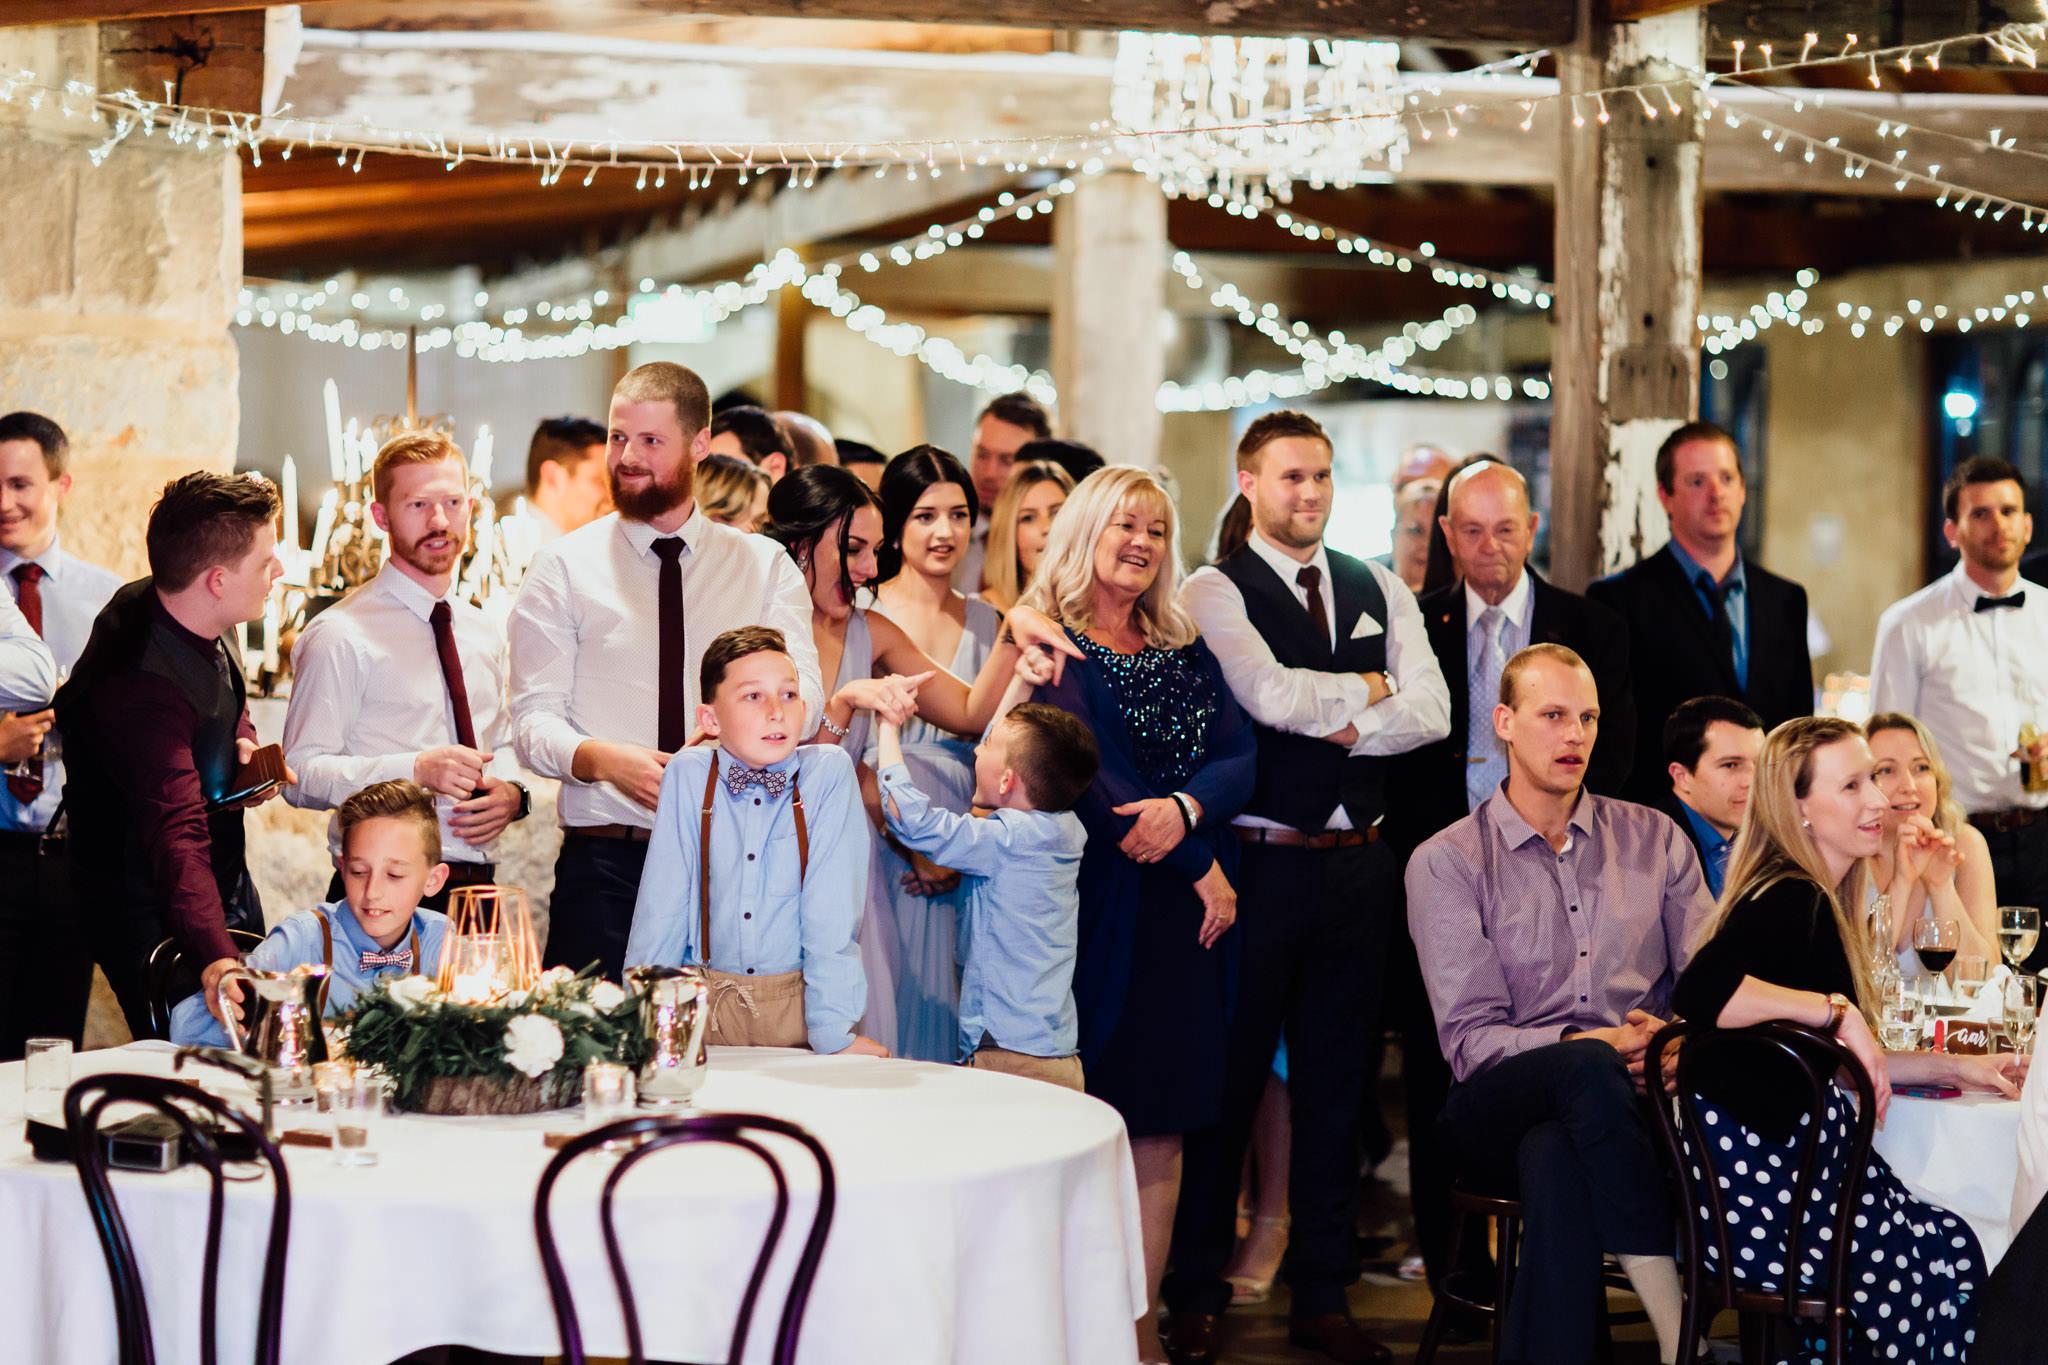 WeddingPhotos_Facebook_2048pixels-1156.jpg